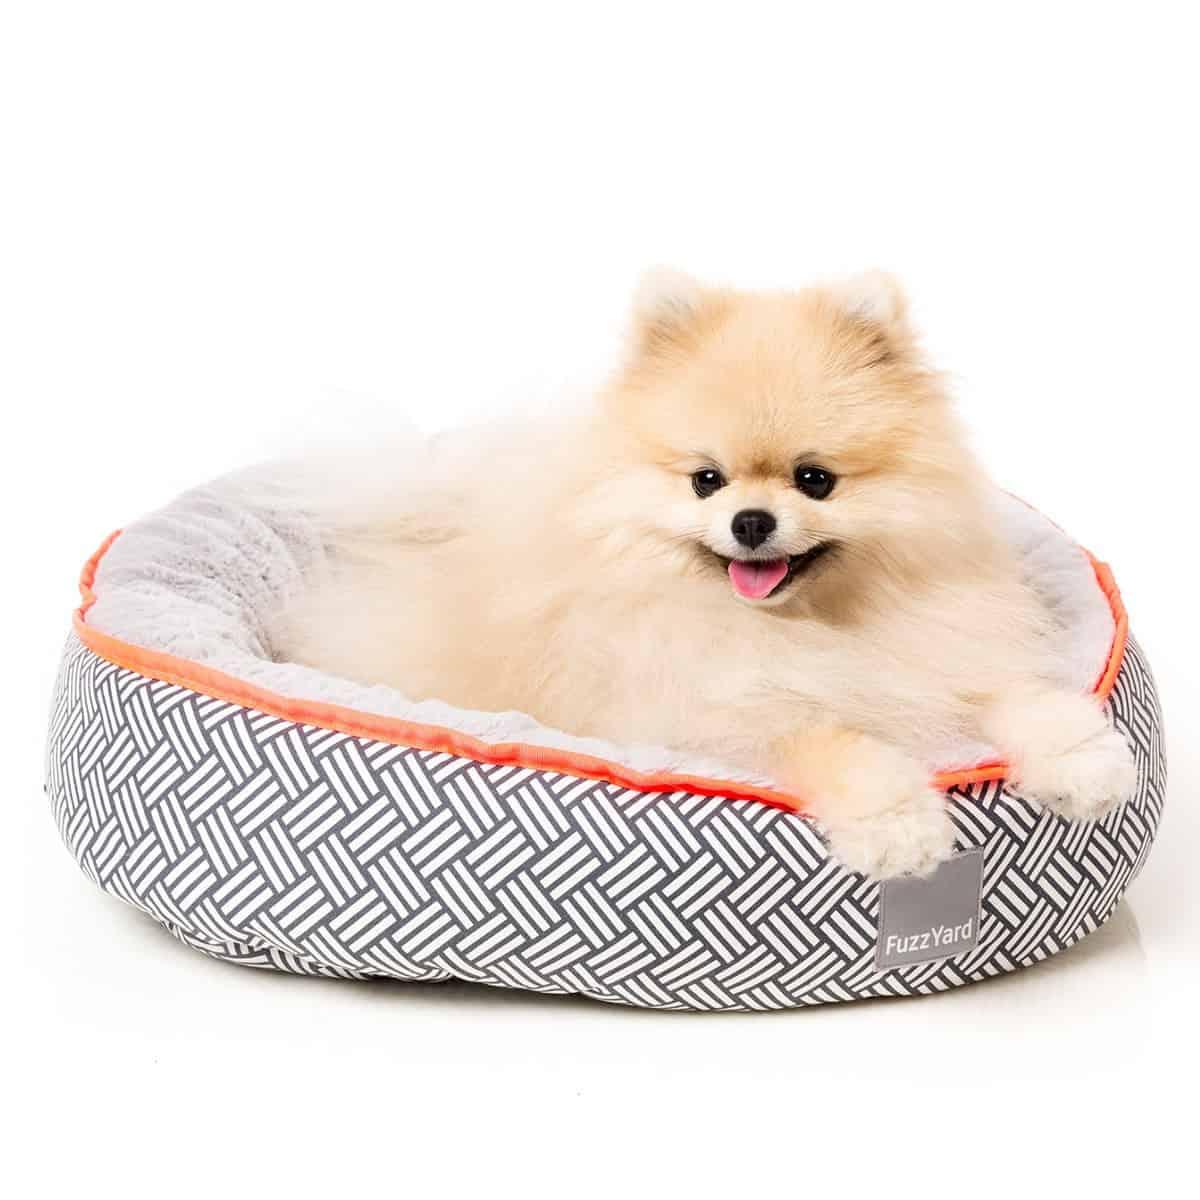 Fuzzyard Reversible Bed - Michelin